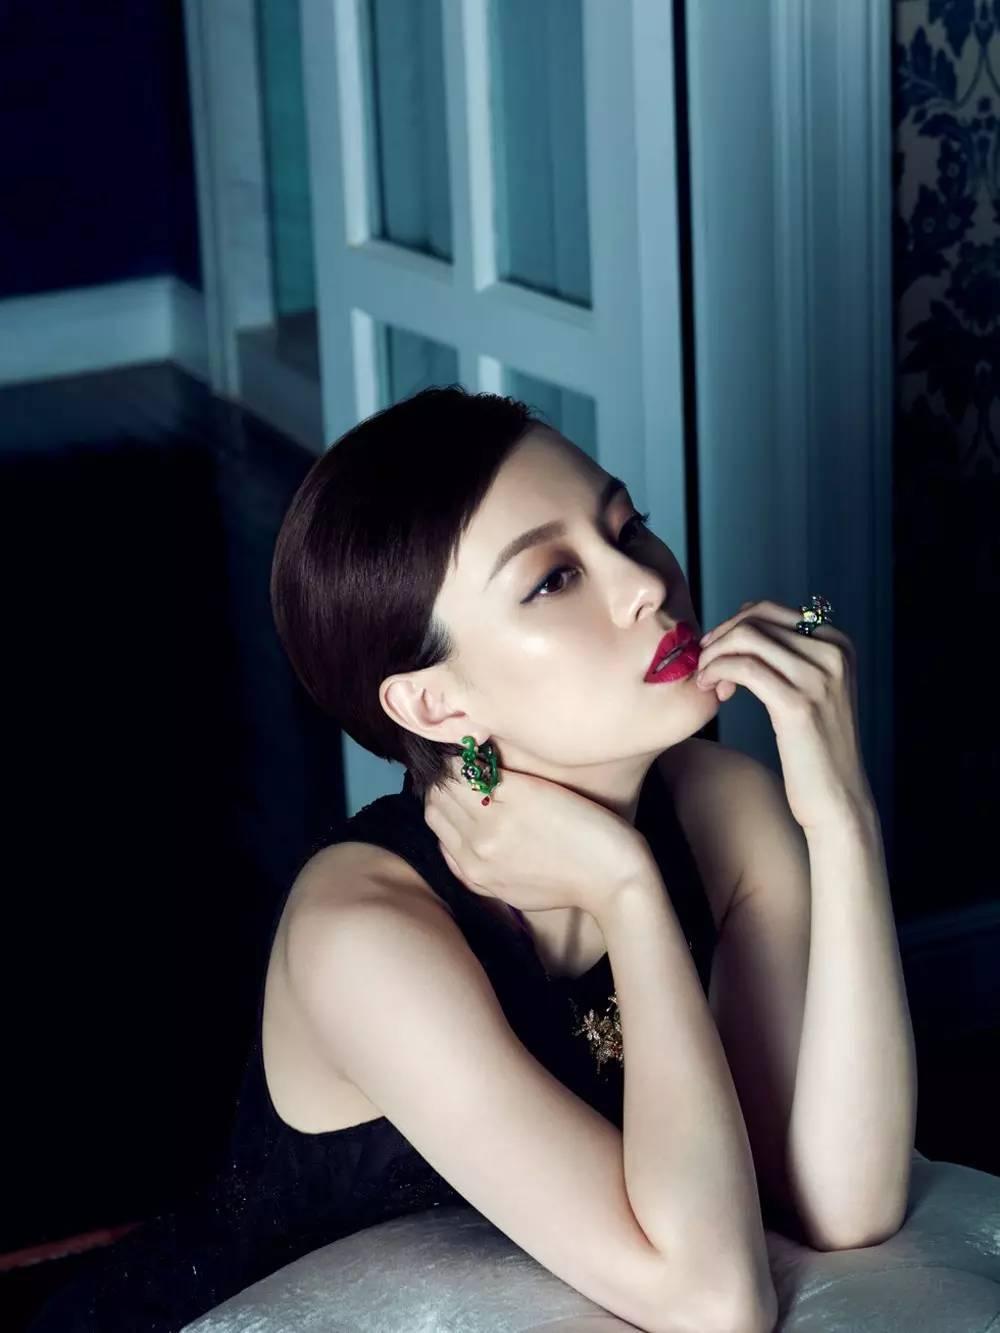 珠宝如影随形的女人九大魅力